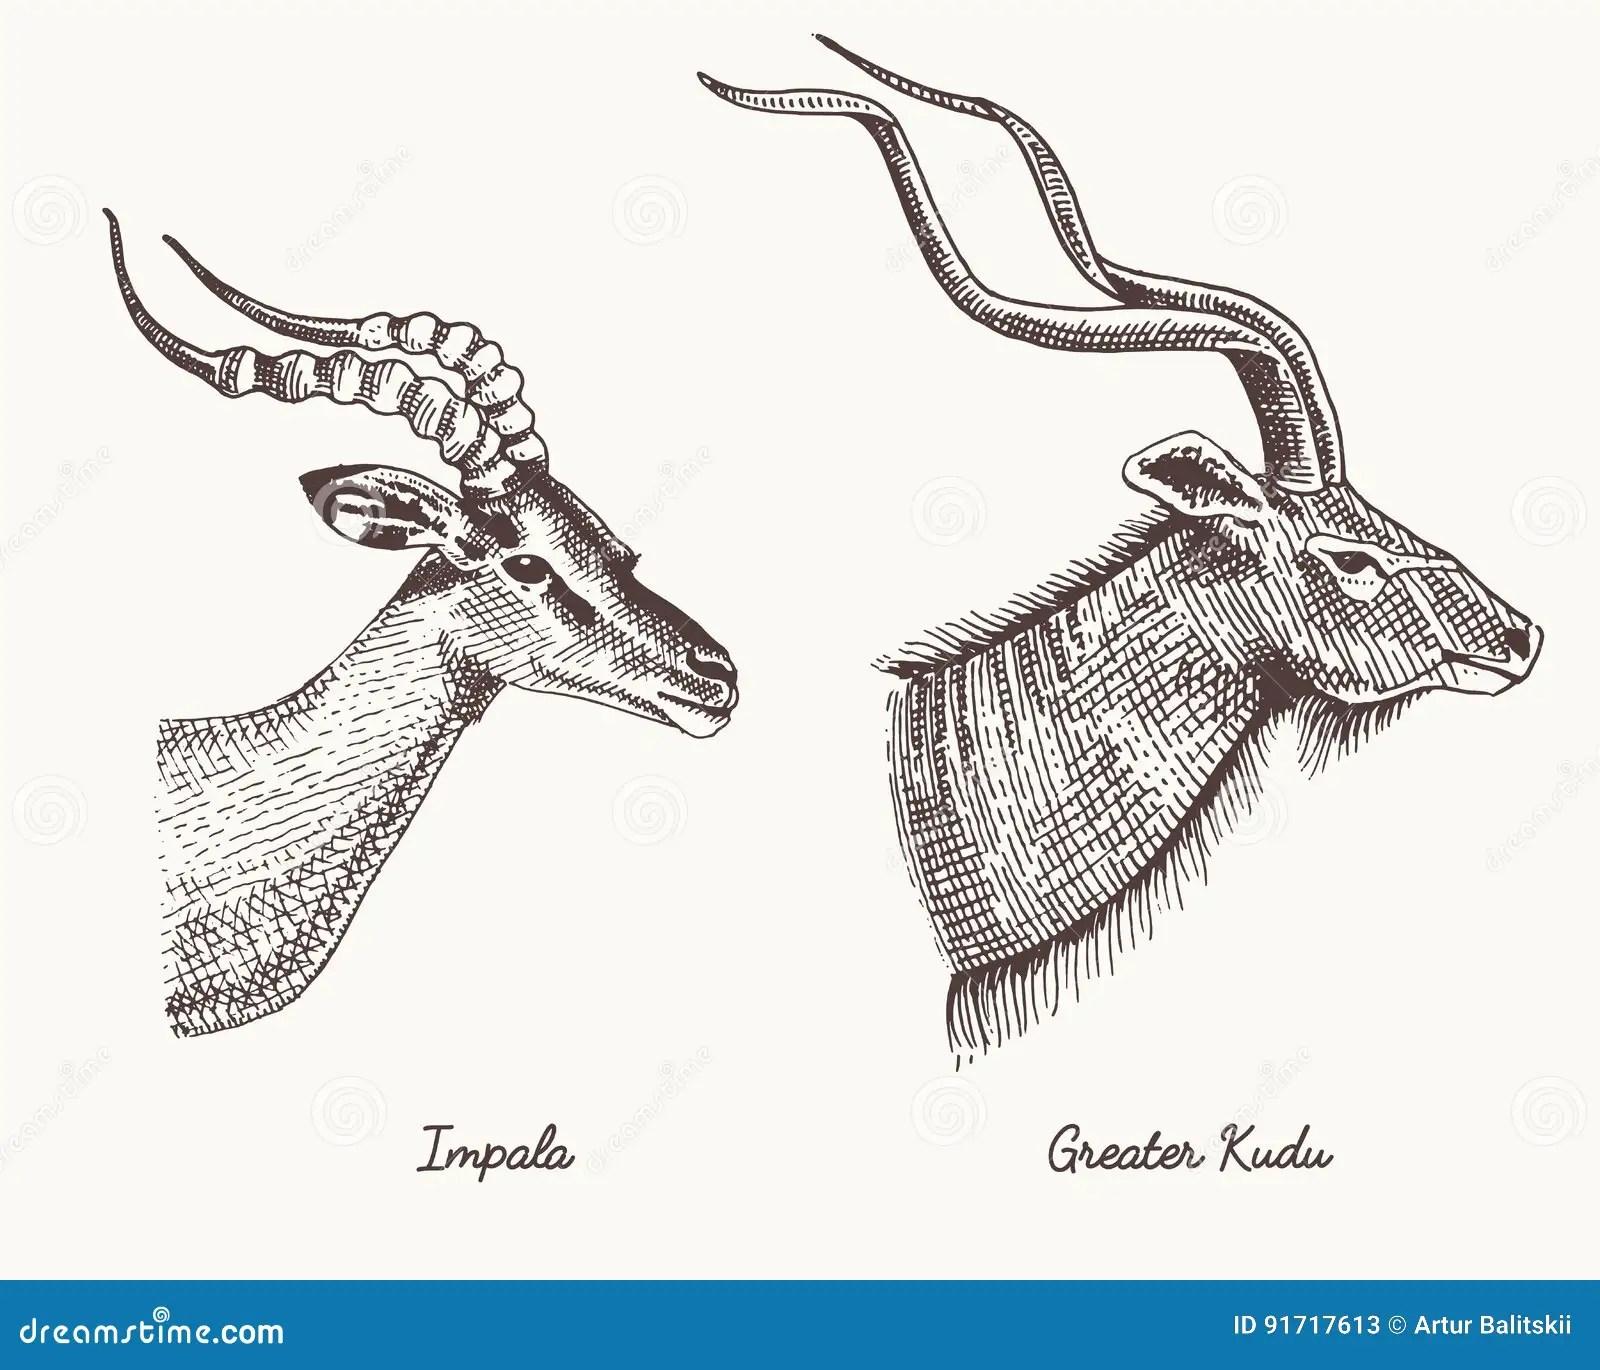 Antelopes Impala And Greater Kudu Vector Hand Drawn